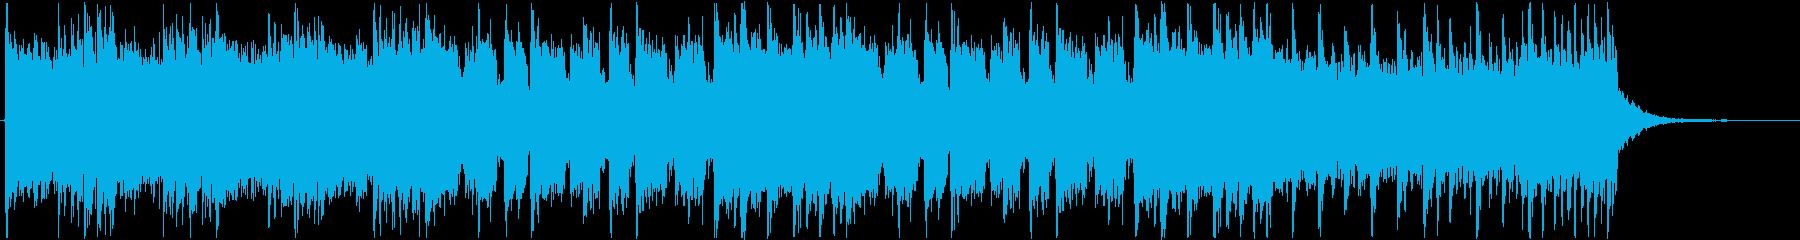 本格的なヘヴィメタル系のジングルの再生済みの波形